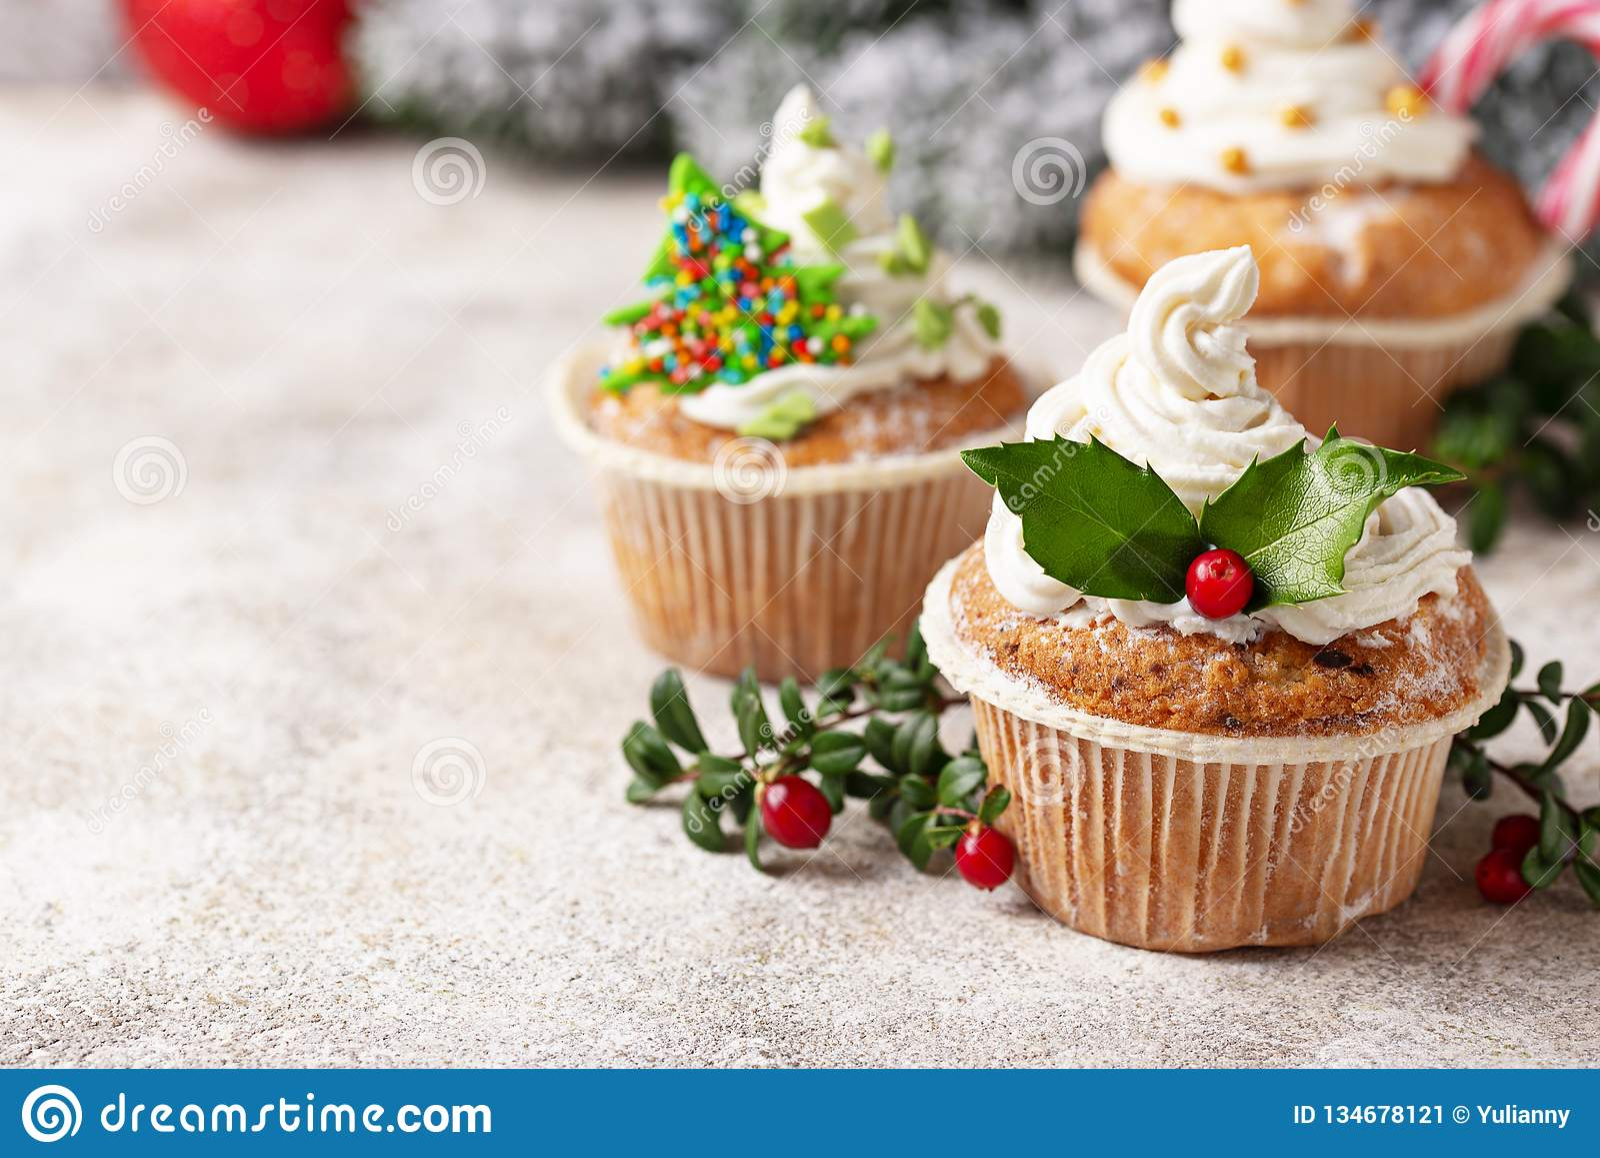 Gateau De Fete De Noel.Petit Gâteau De Fête De Noël Avec Différentes Décorations